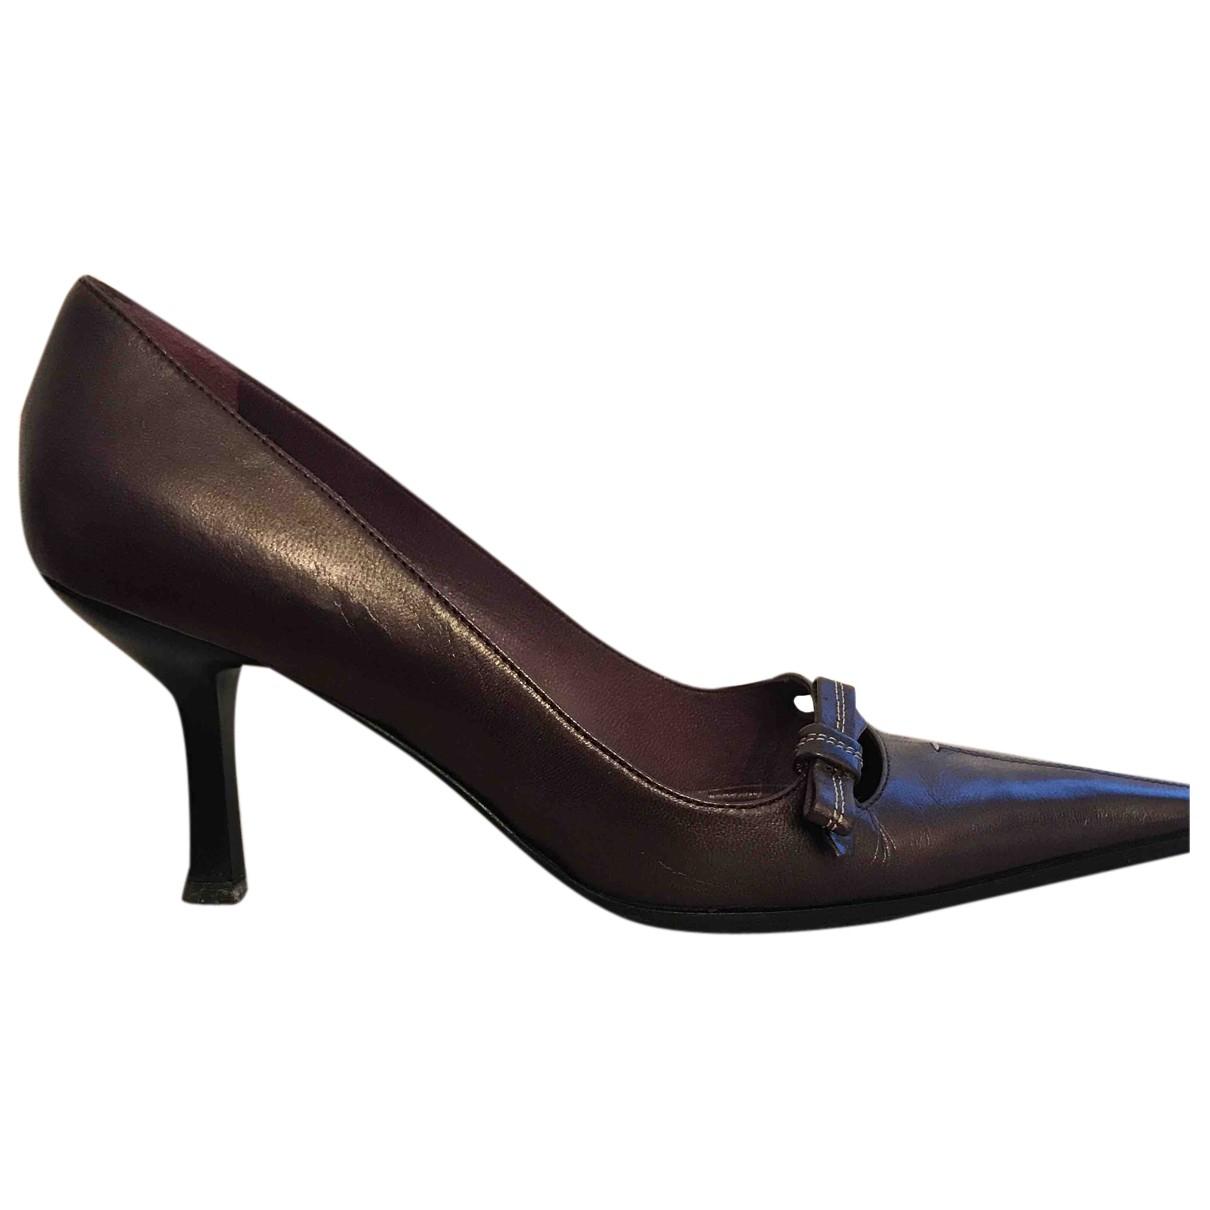 Lella Baldi N Purple Leather Heels for Women 37 EU